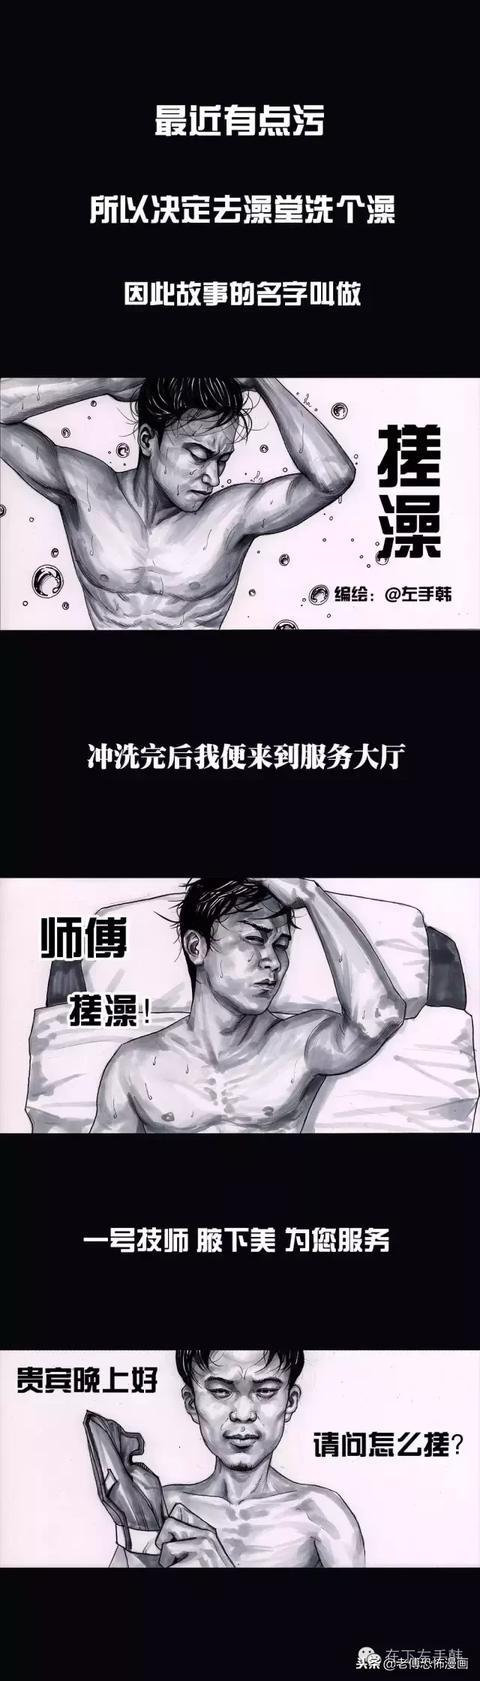 韩漫污画,漫画:搓澡,最近有点污